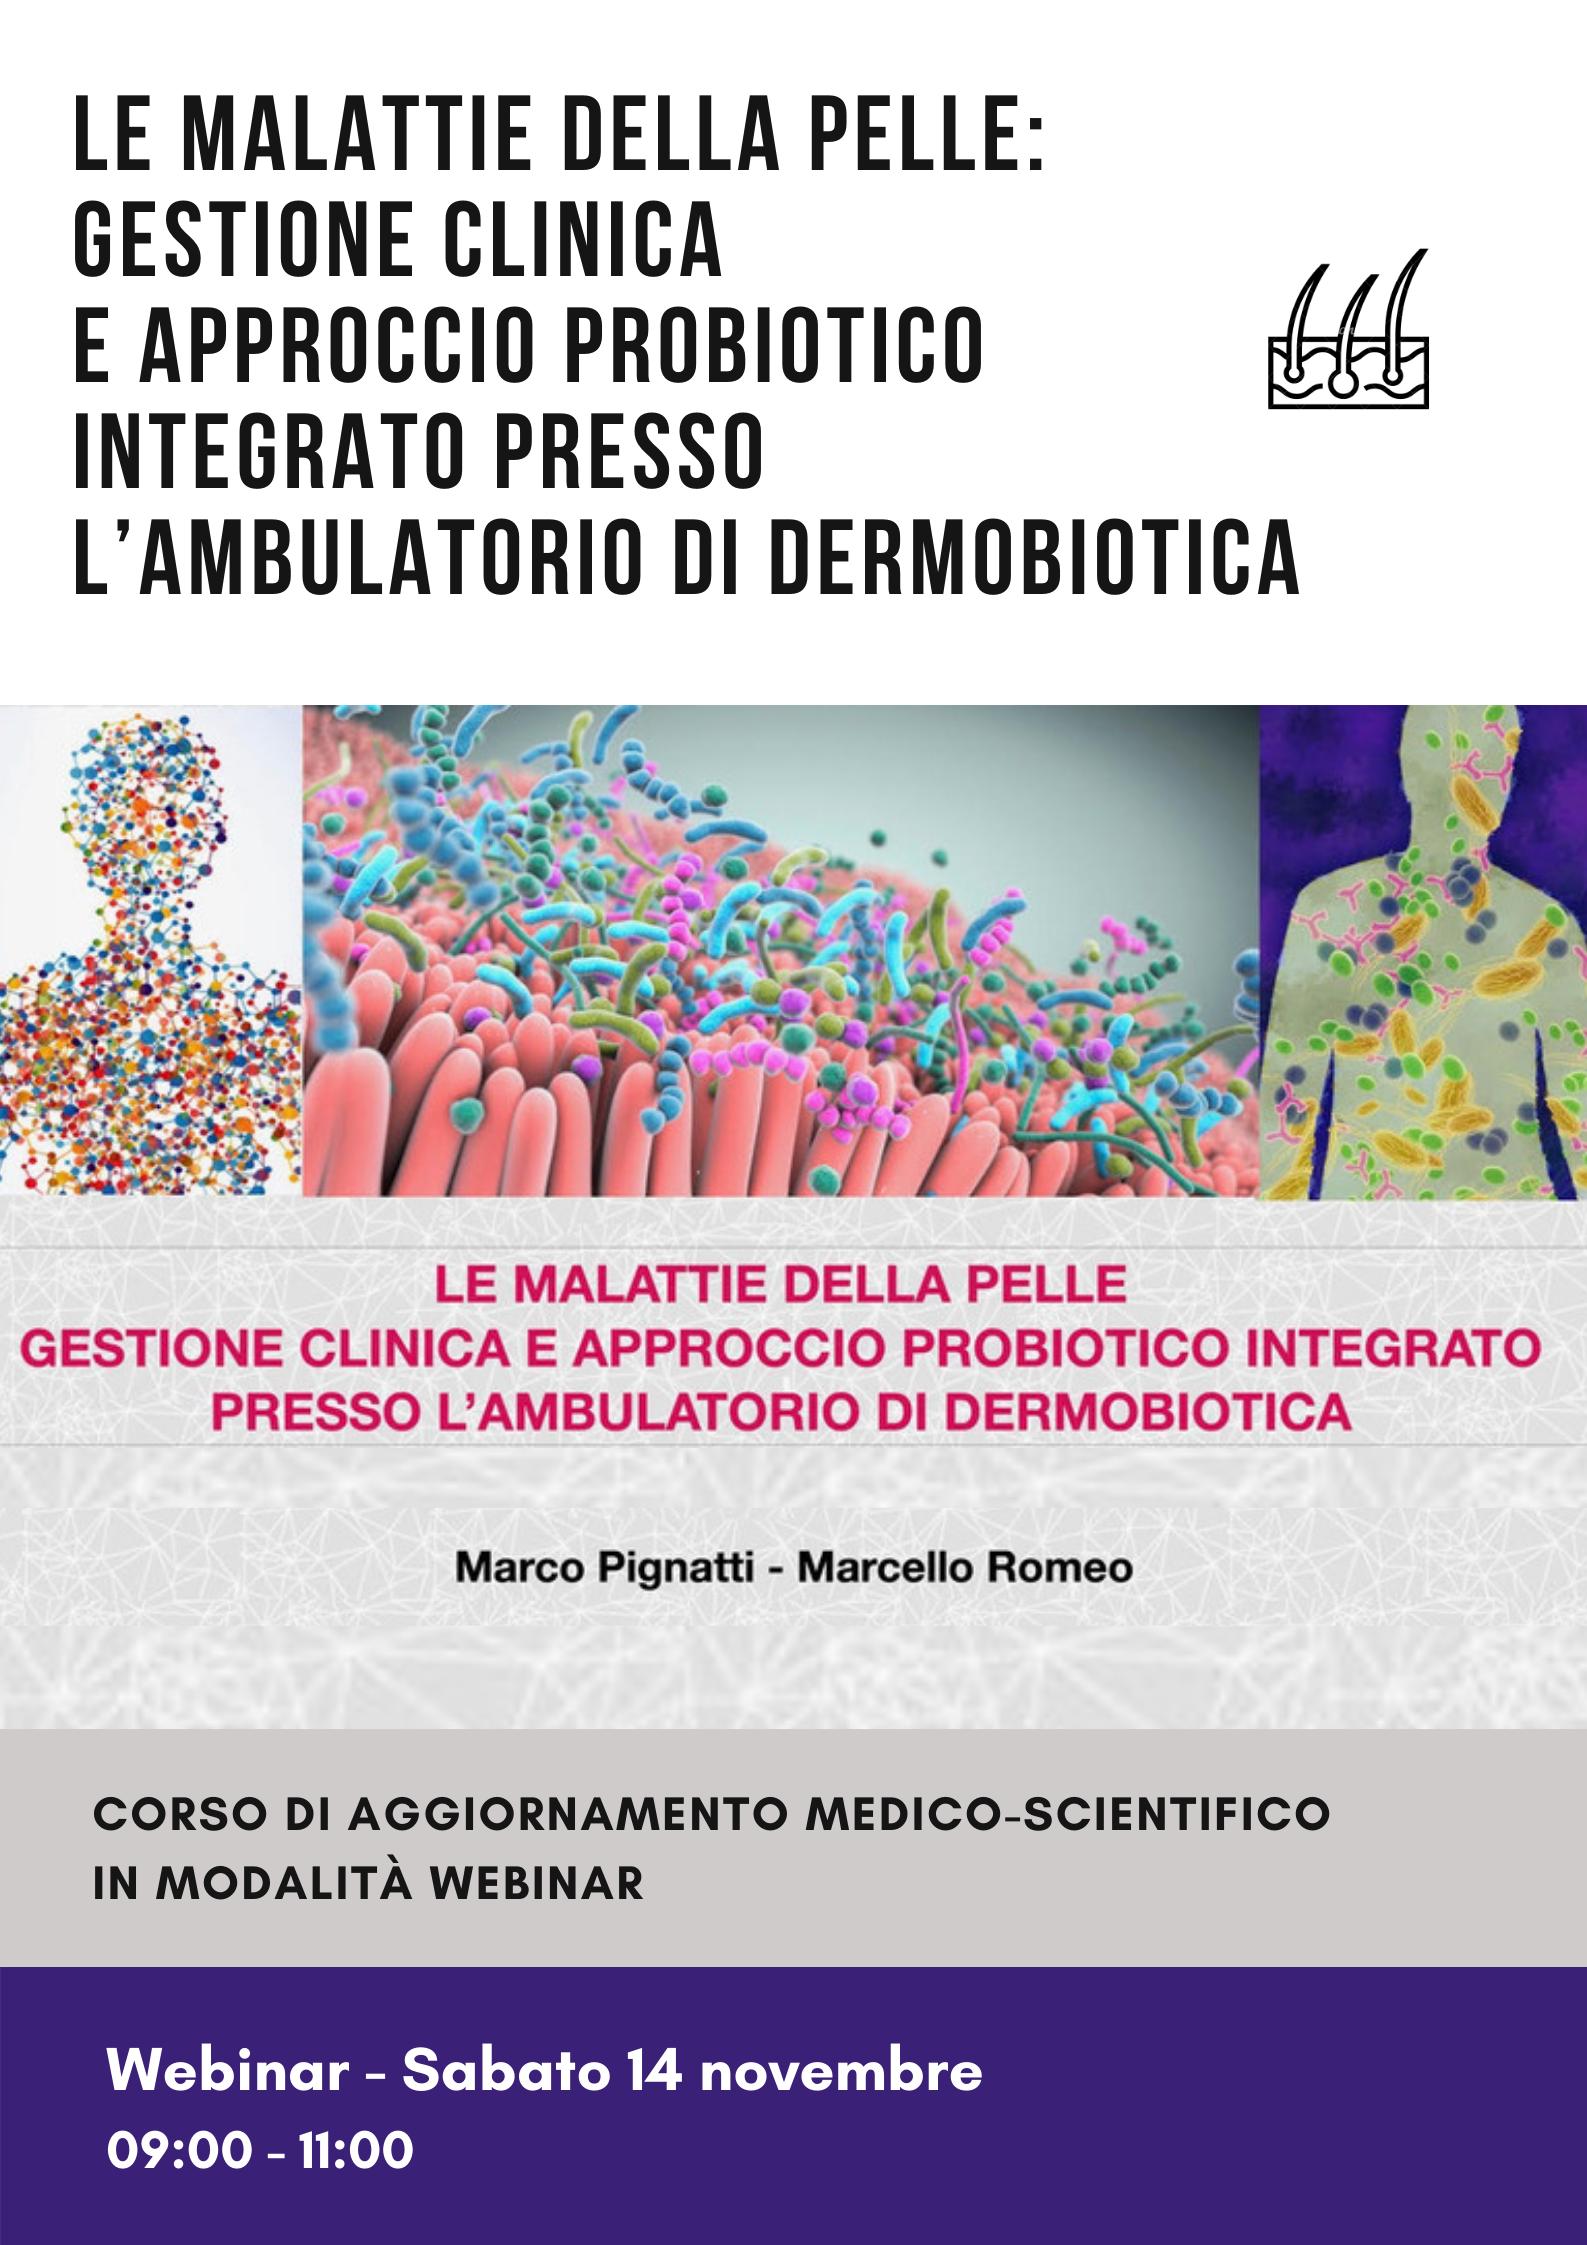 Le malattie della pelle: gestione clinica e approccio probiotico integrato presso l'ambulatorio di dermobiotica 2